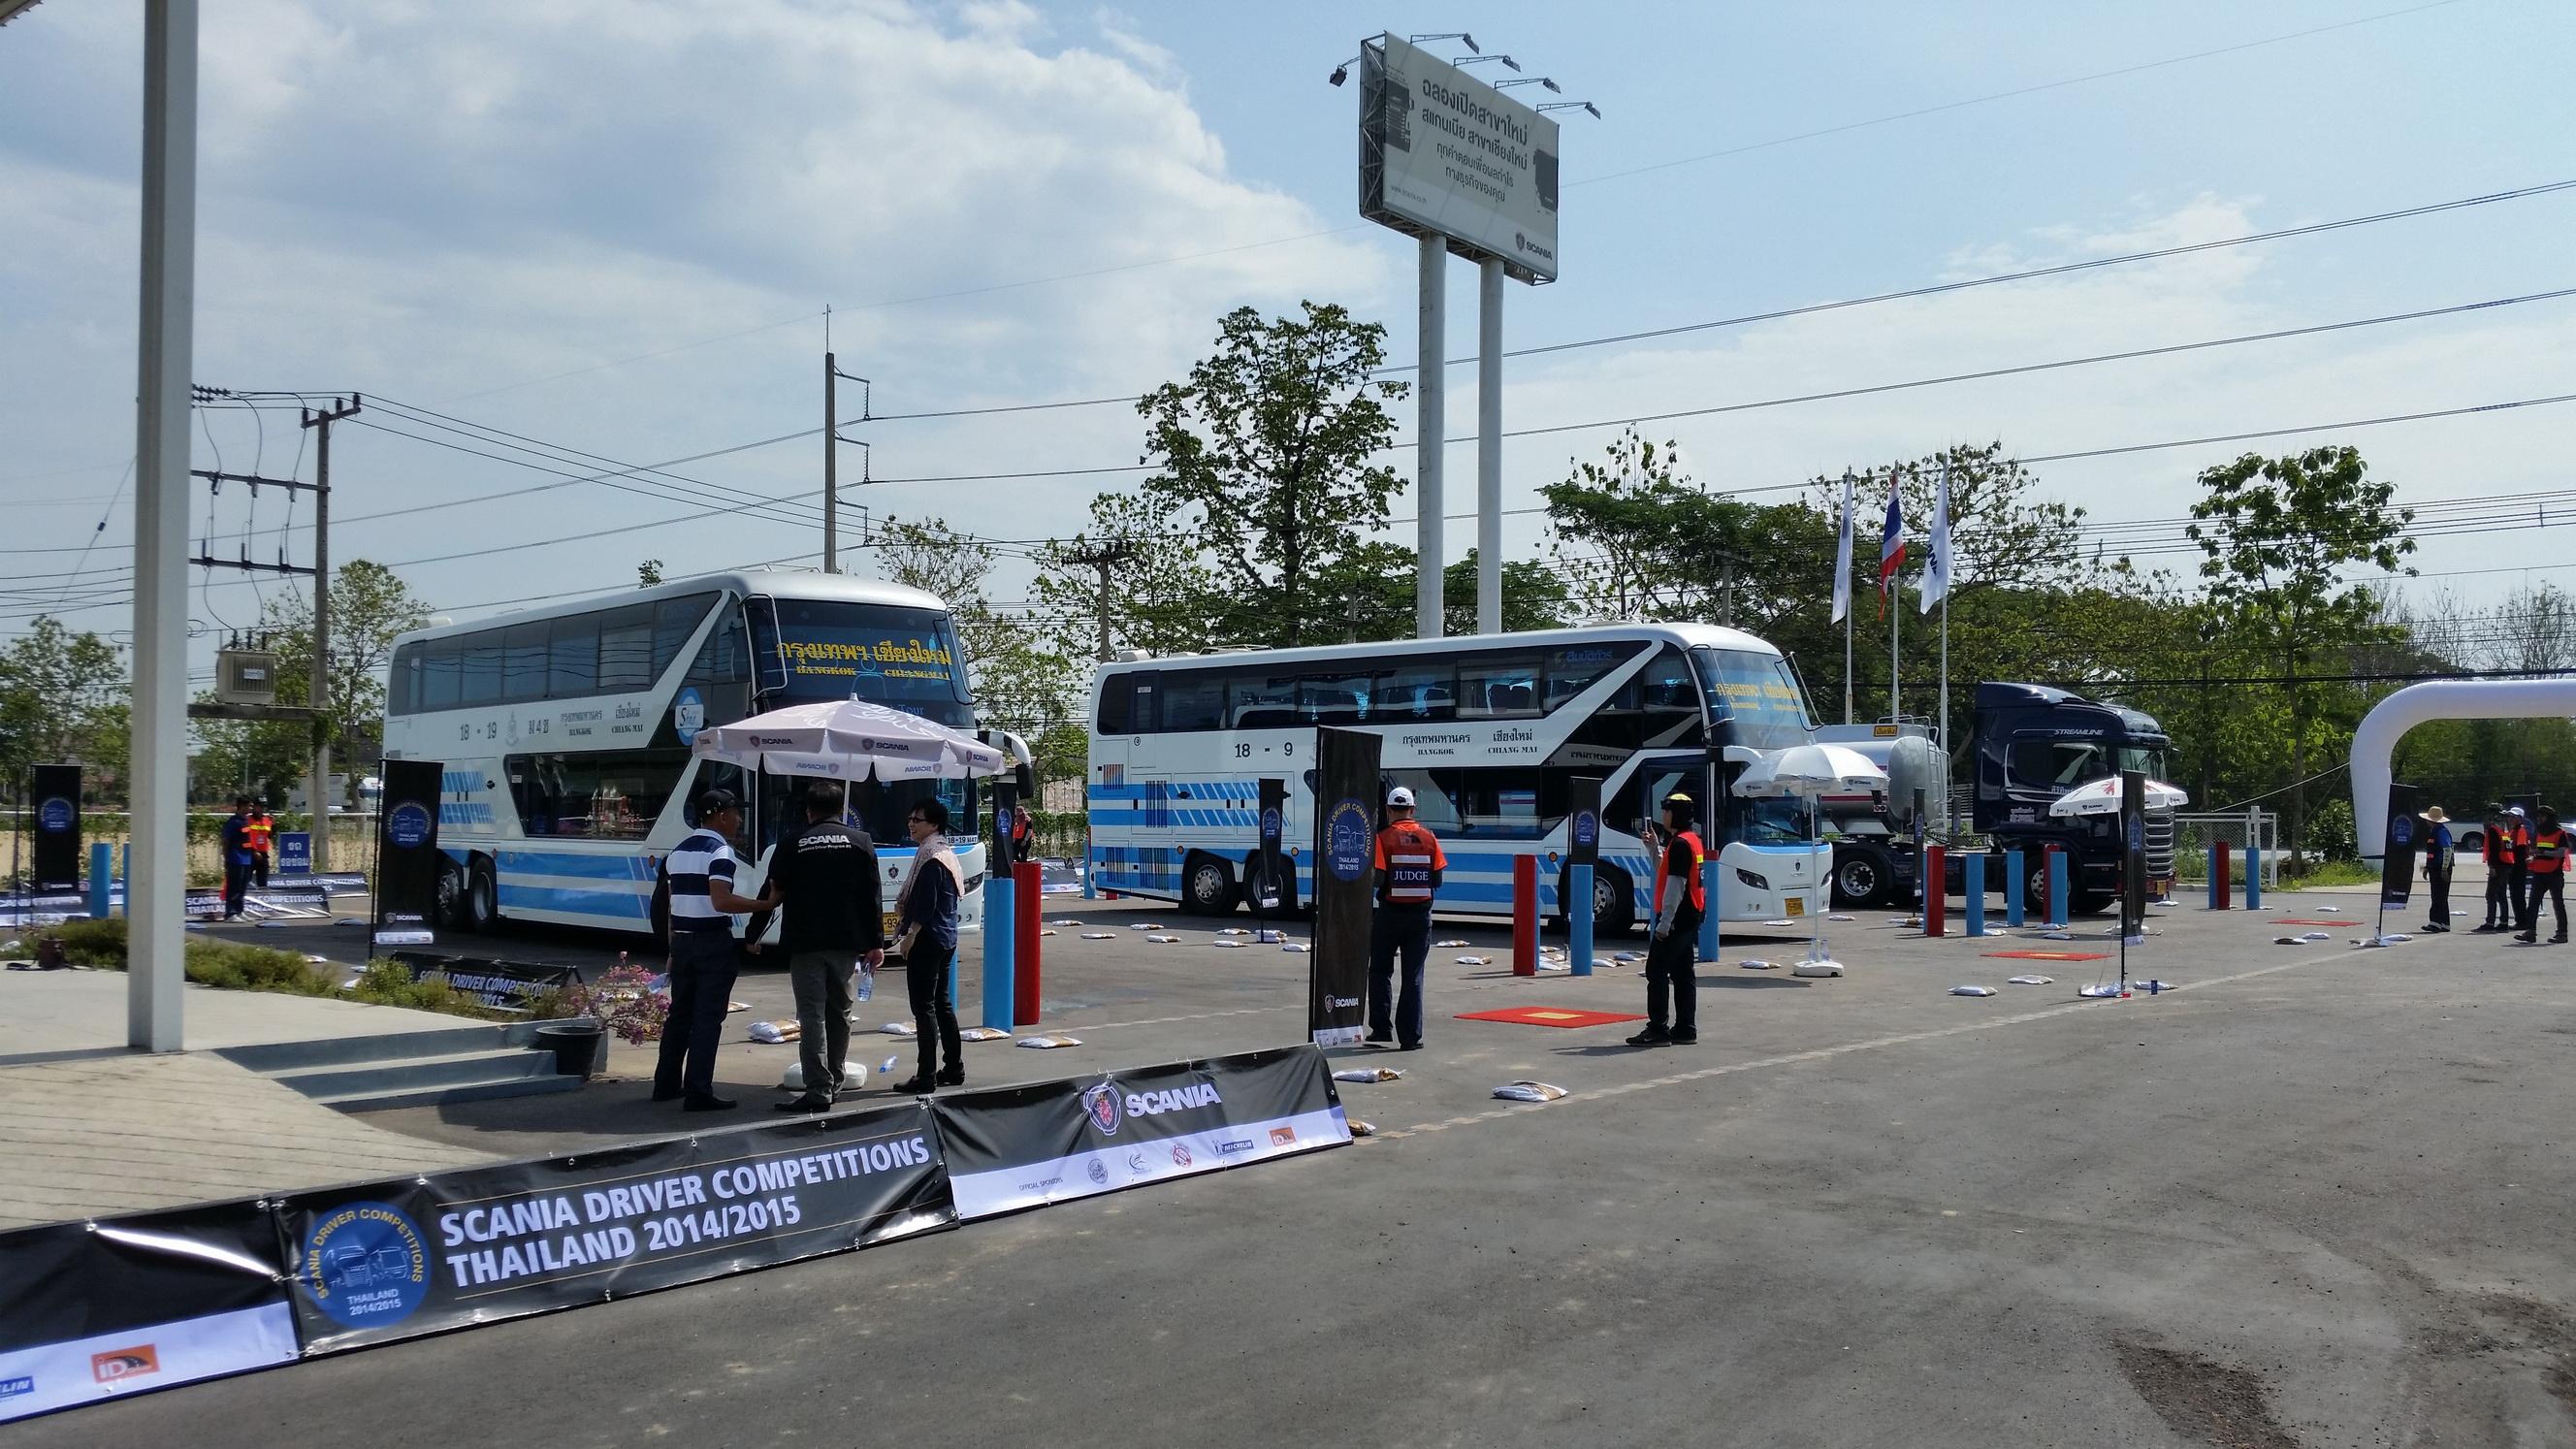 สมบัติทัวร์เข้าร่วมการแข่งขันทักษะการขับขี่รถโดยสาร รอบรองชนะเลิศ